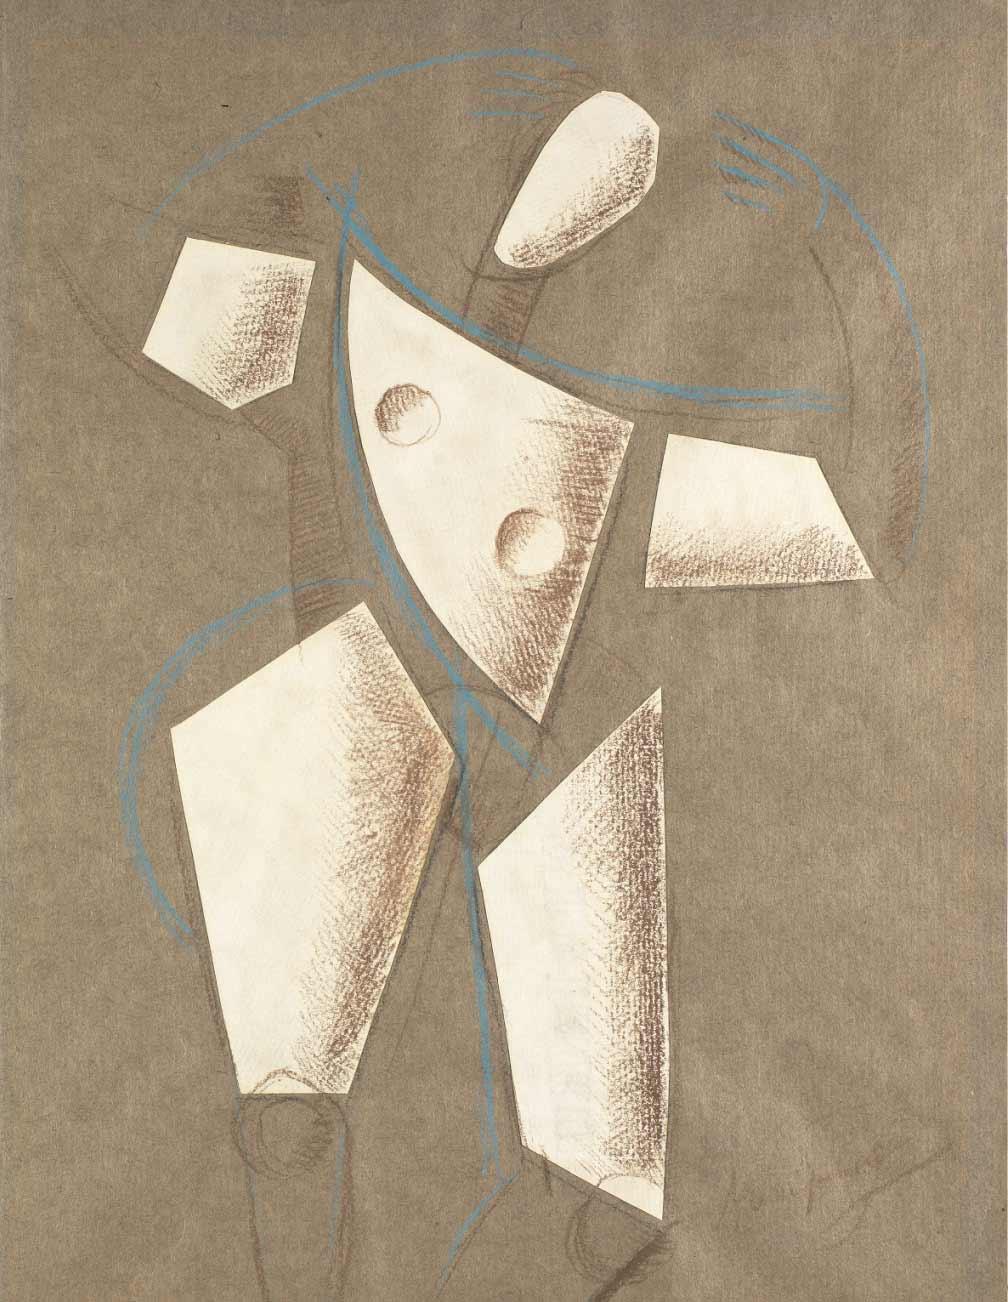 O Universo do Desenho no Museu Thyssen Málaga Artes & contextos a arpichenko